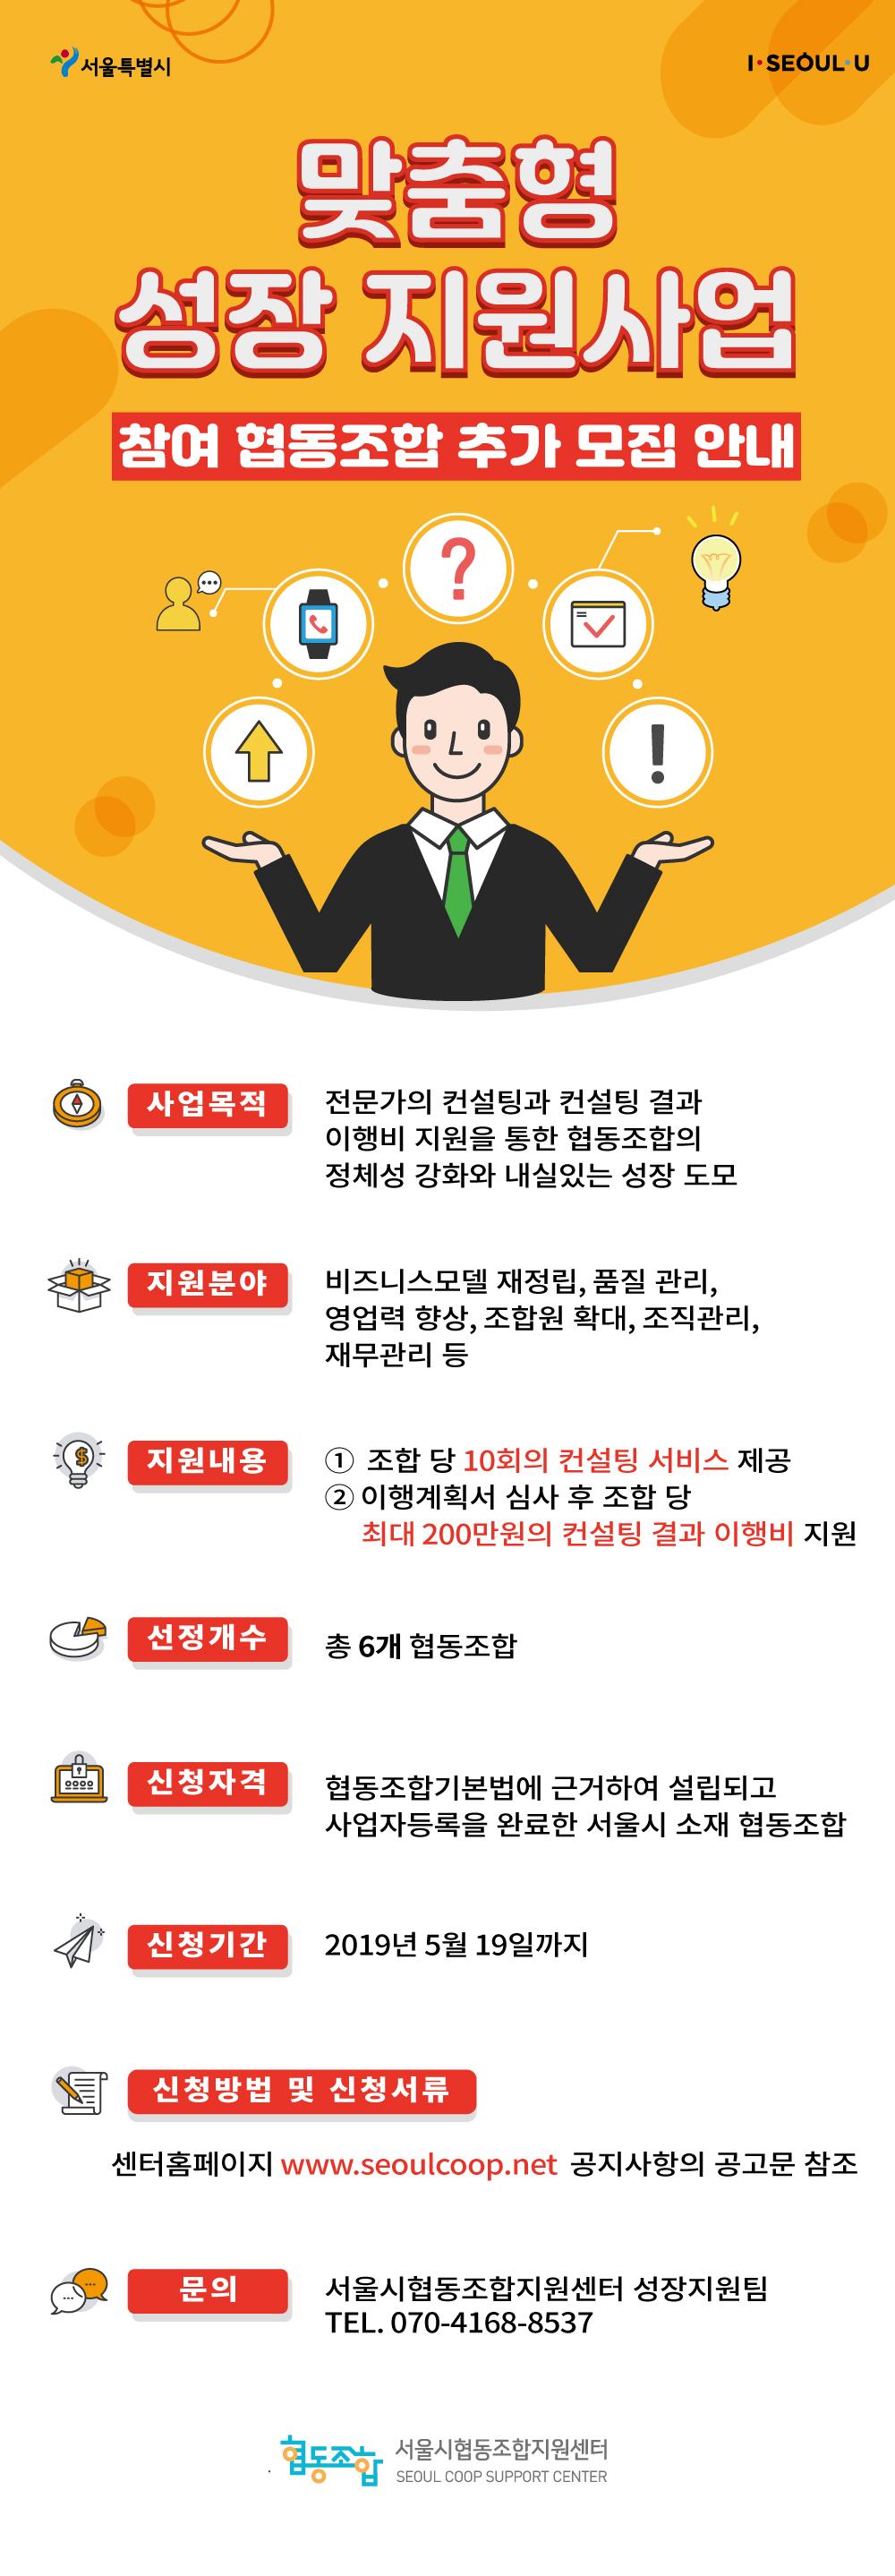 20190508협동19-39_붙임2(웹자보)